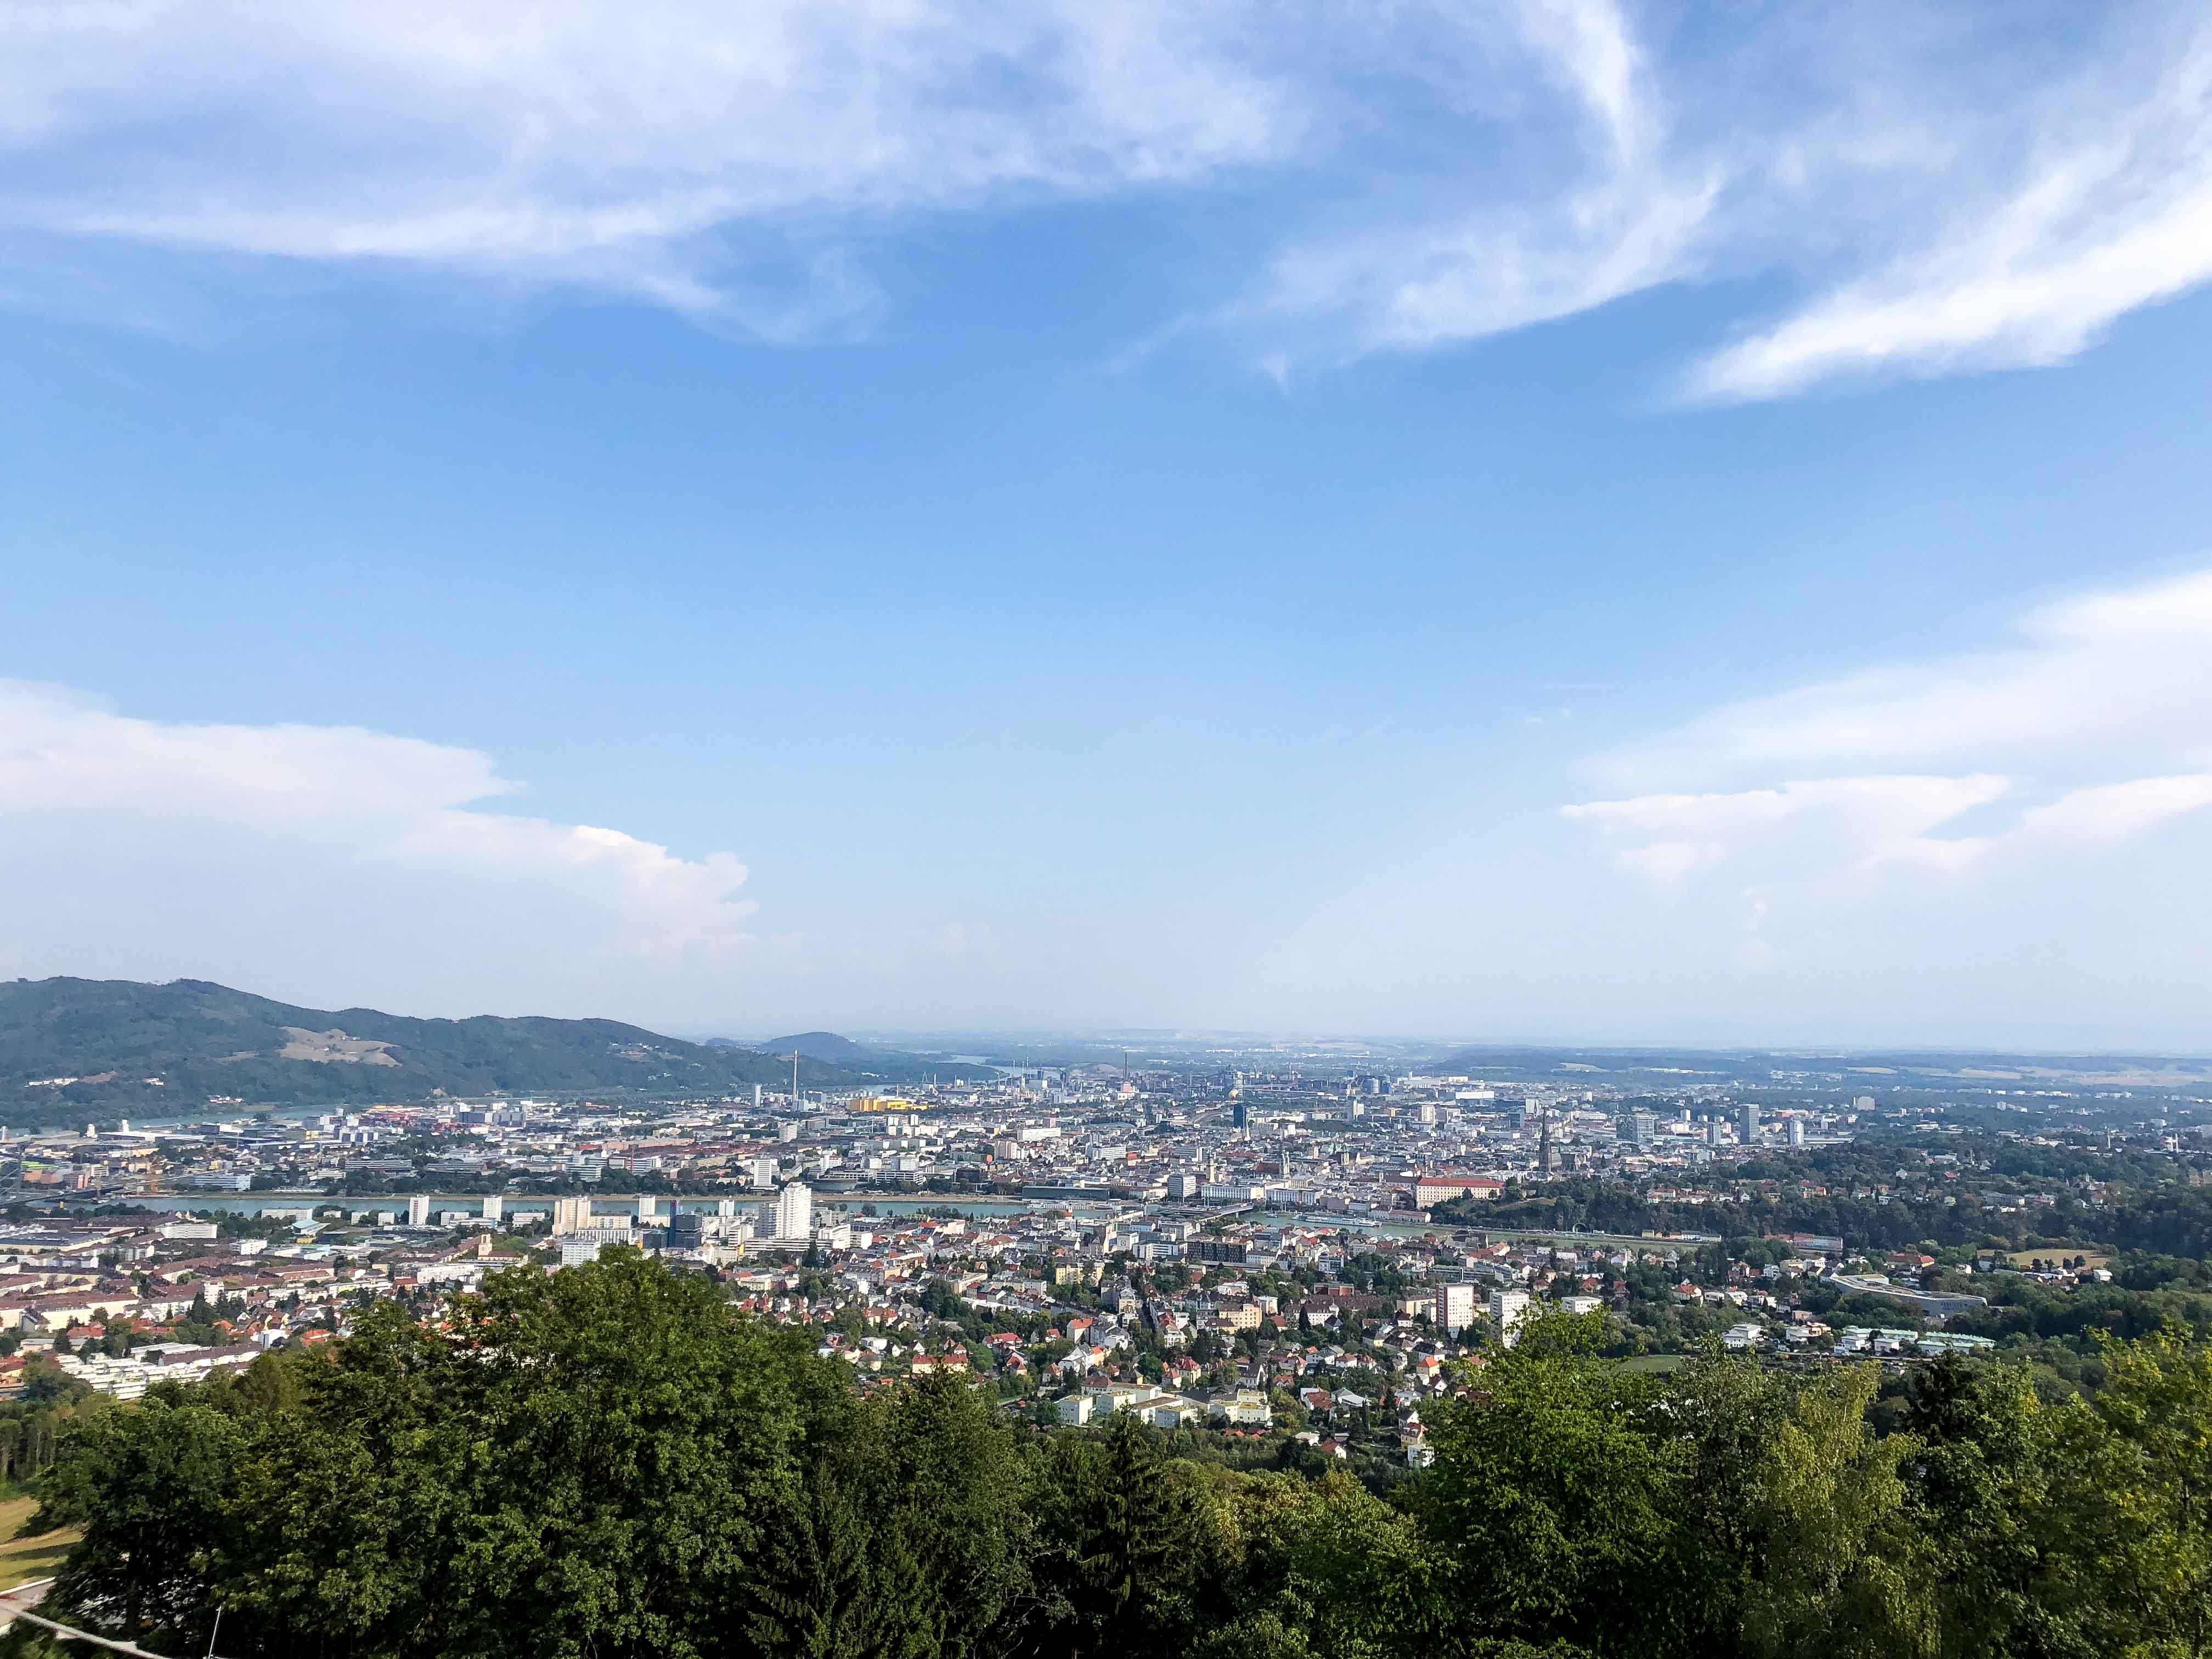 Linz Ausblick Pöstlingberg Österreich Insider Tipps Sehenswürdigkeiten Donaukreuzfahrt Arosa Reiseblog